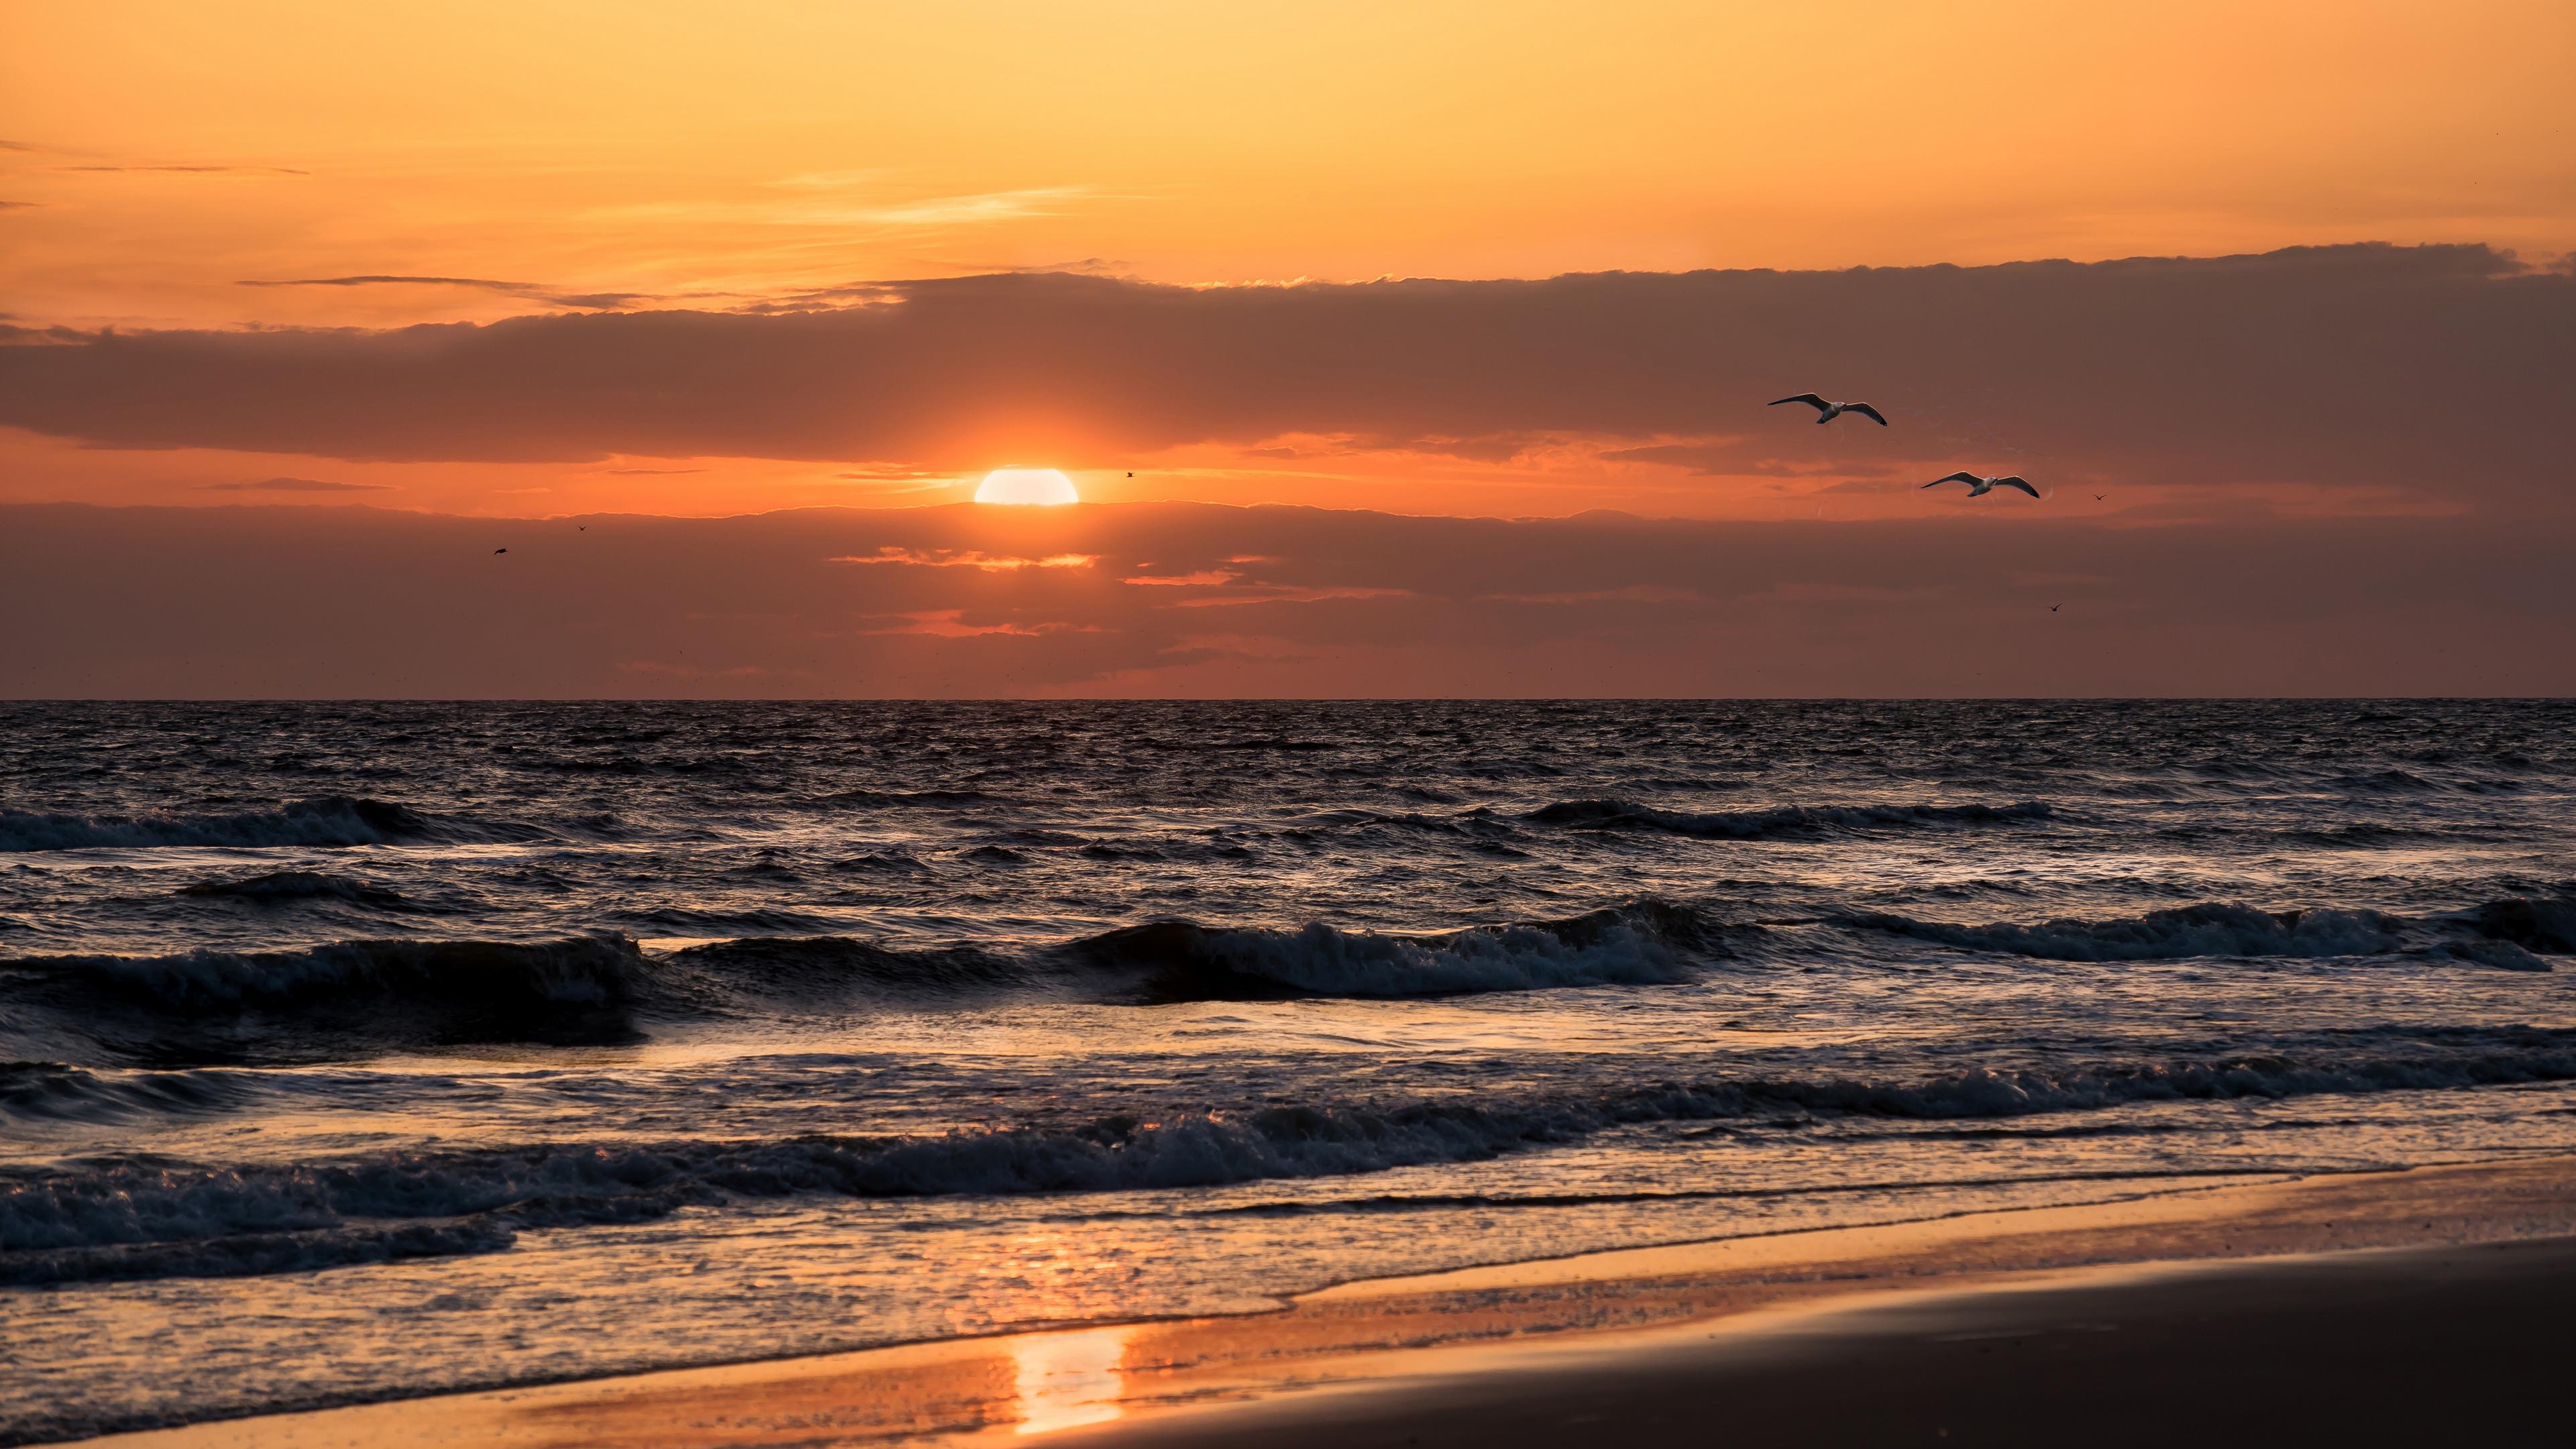 Оранжево-рыжий закат солнца